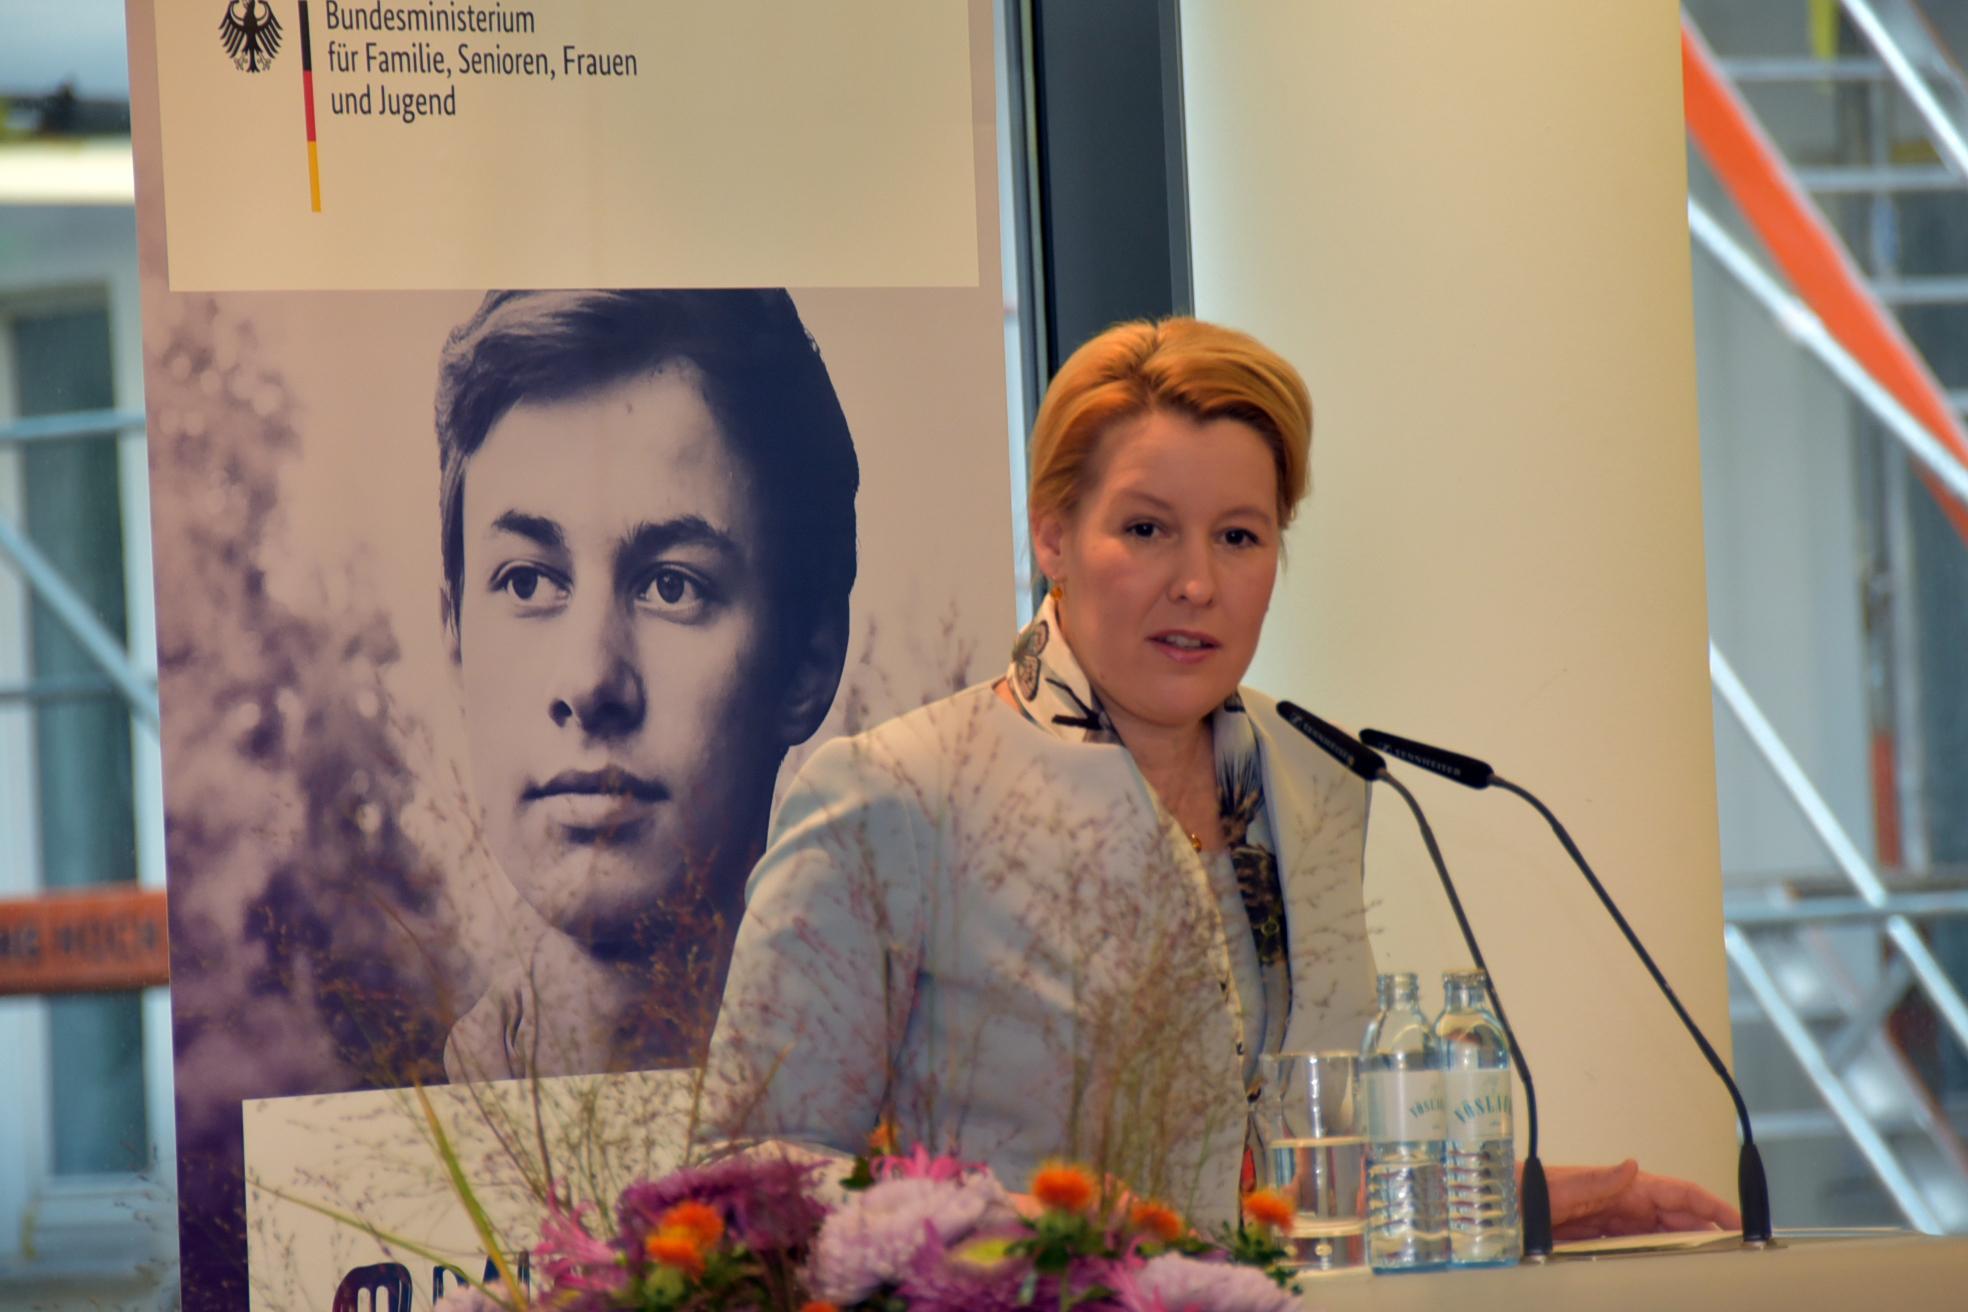 Das Bild zeigt Dr. Franziska Giffey am Rednerpult